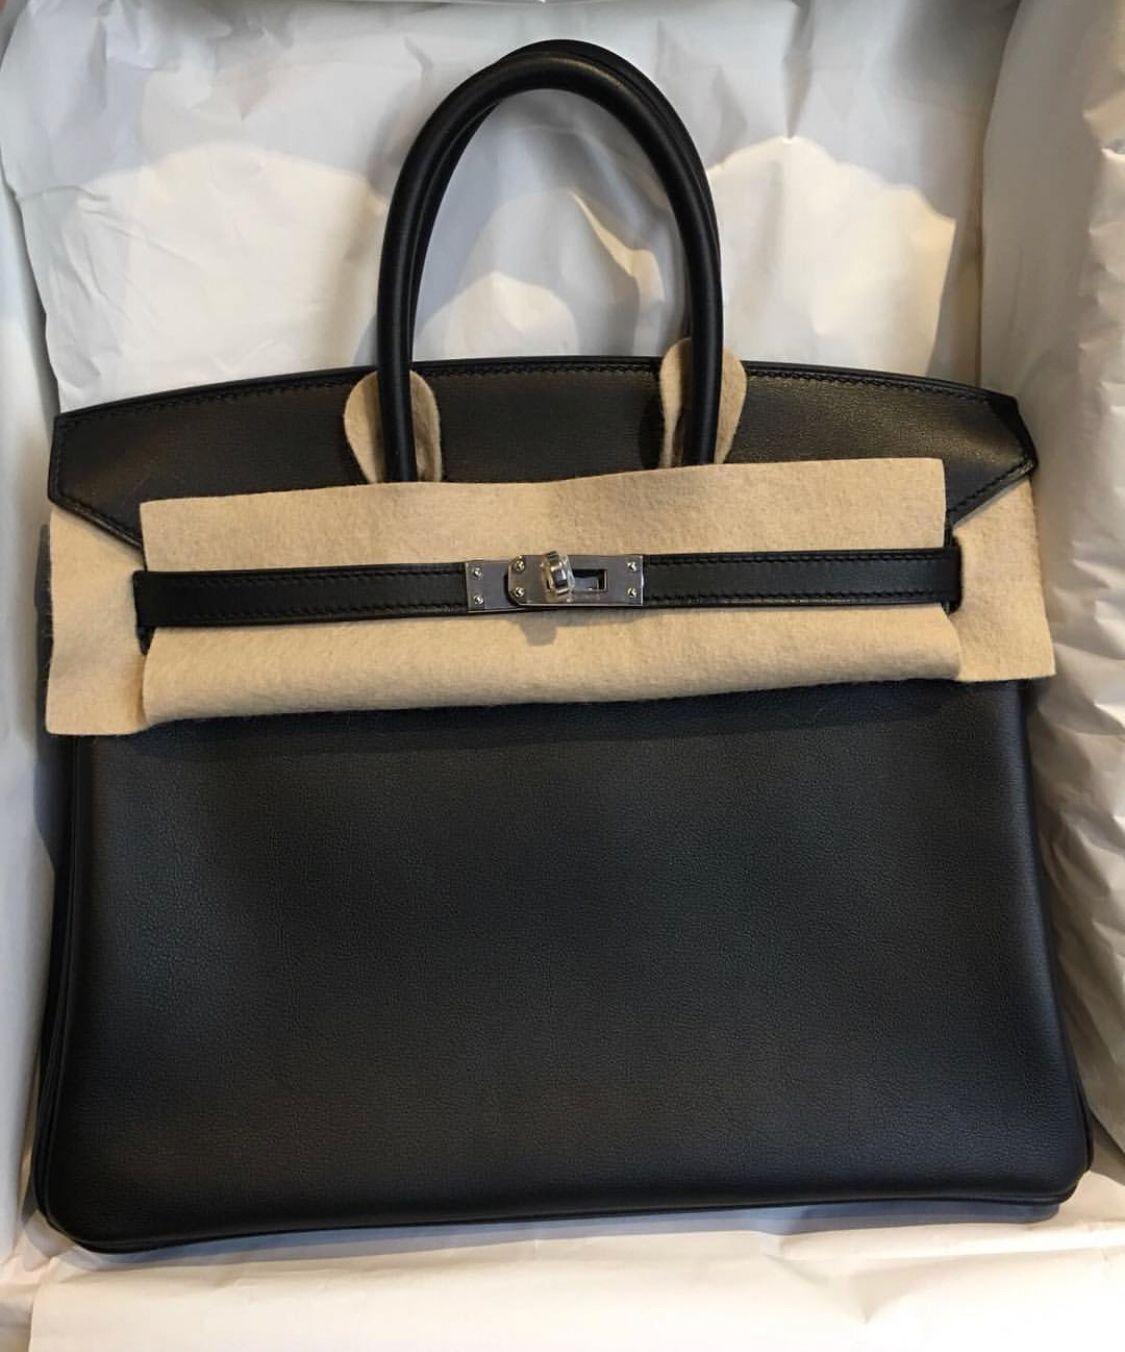 dd91e09a19 Hermès Birkin 25 Noir (Black) Swift Palladium Hardware PHW C Stamp 2018   birkin25